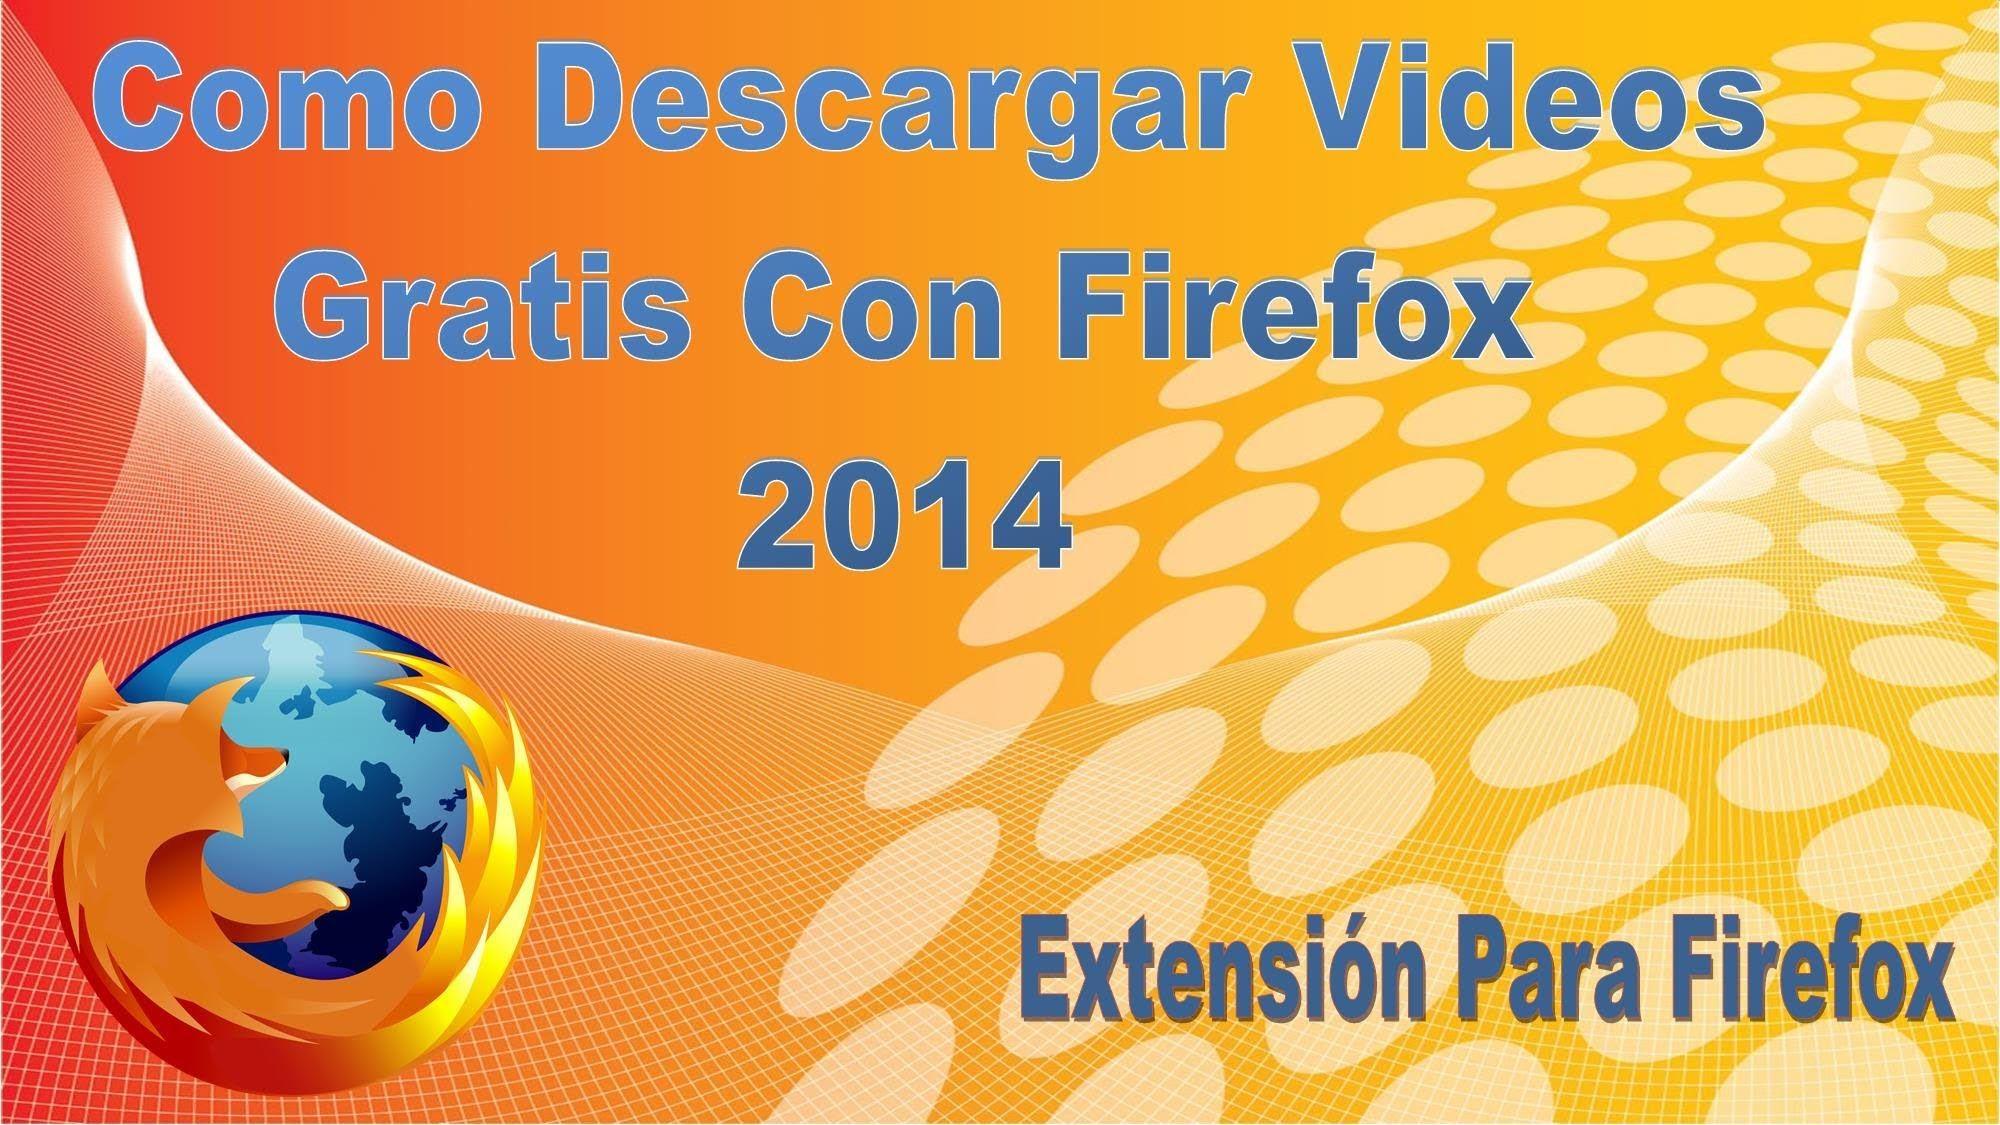 Como Descargar Videos Gratis Online Con Firefox 2014 | Extensión Flash V...